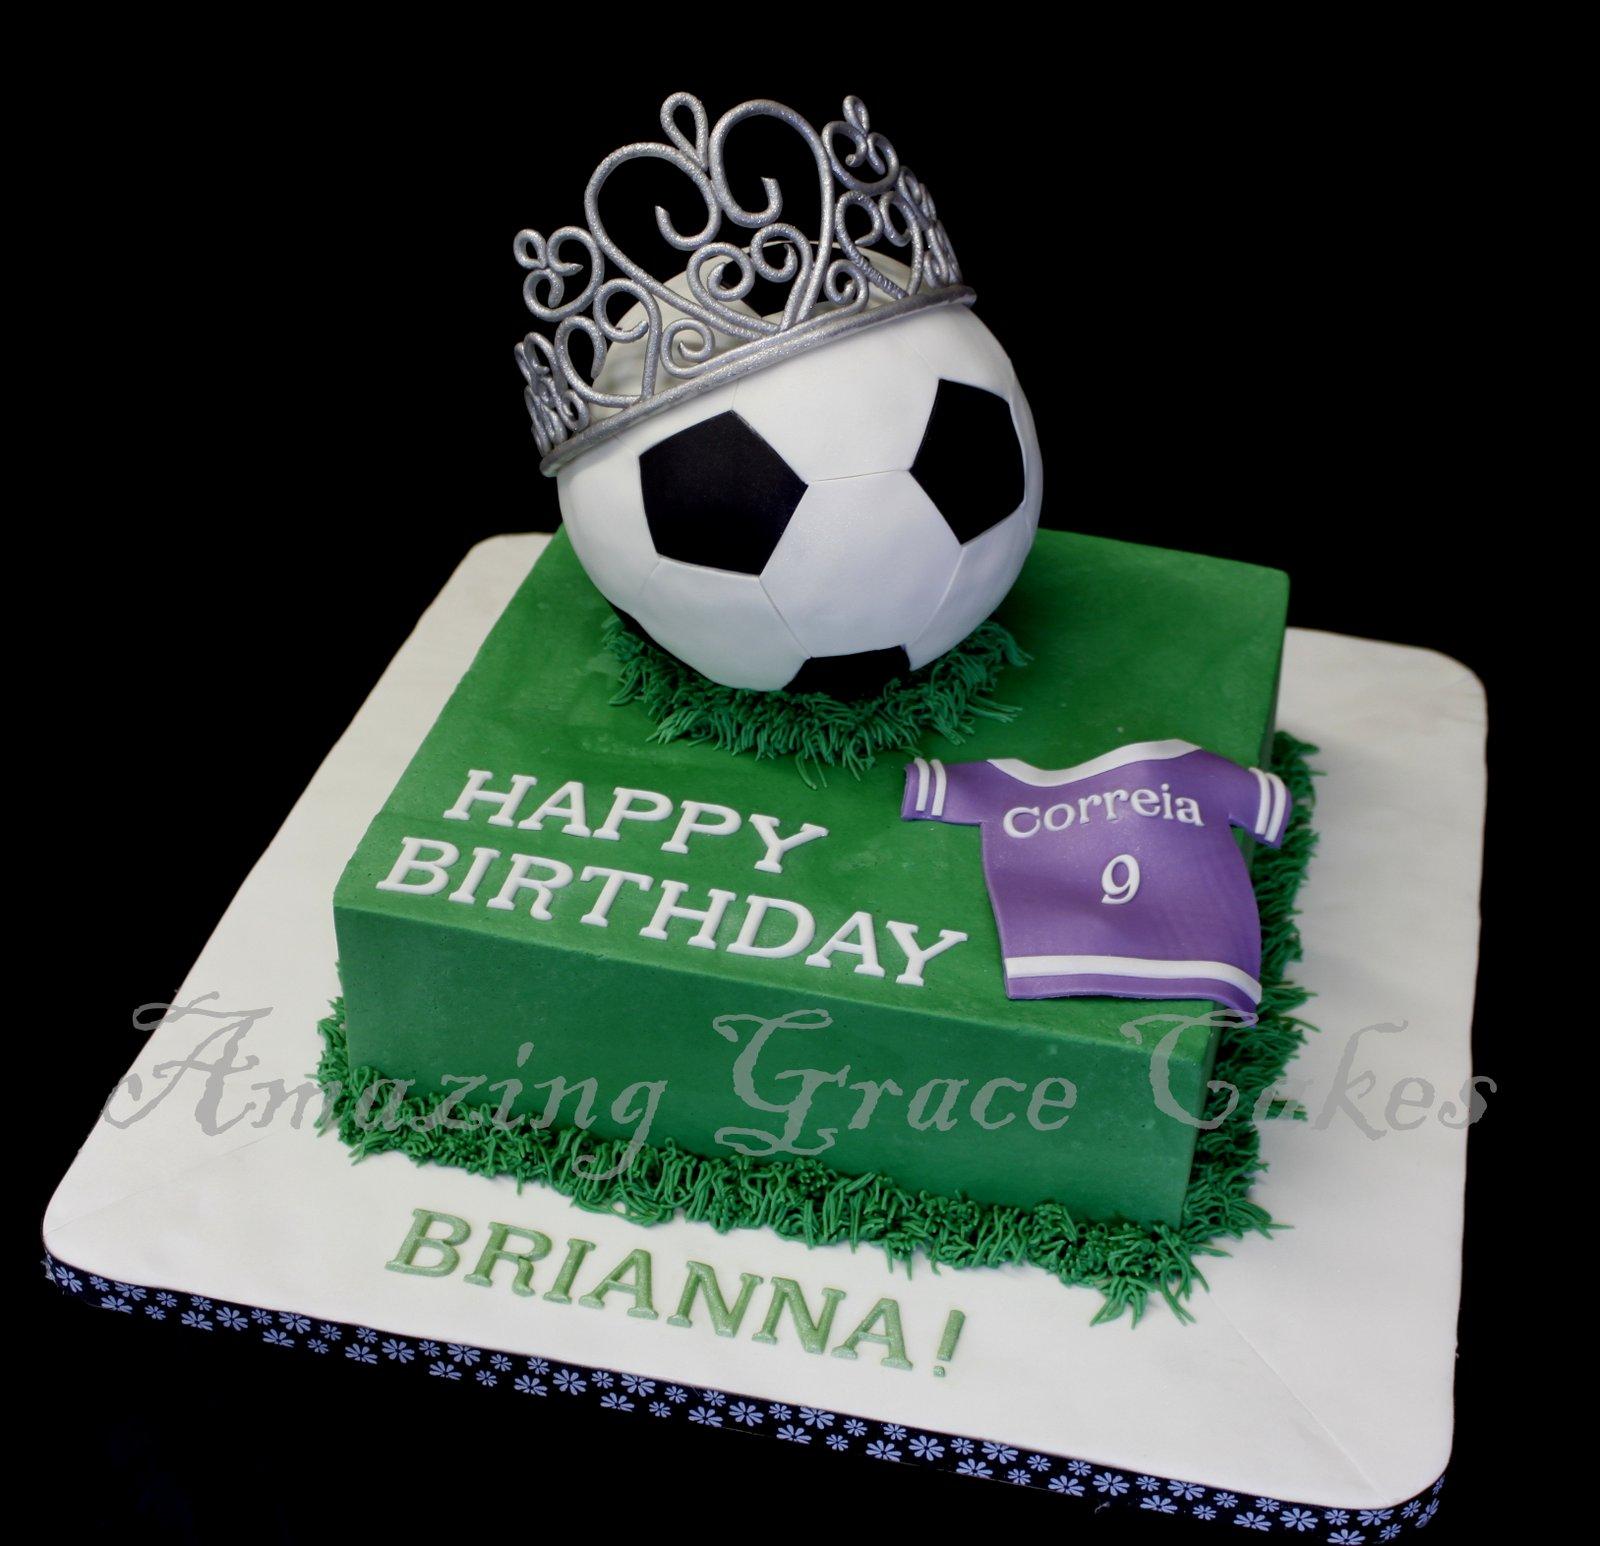 Soccer Cake: Amazing Grace Cakes